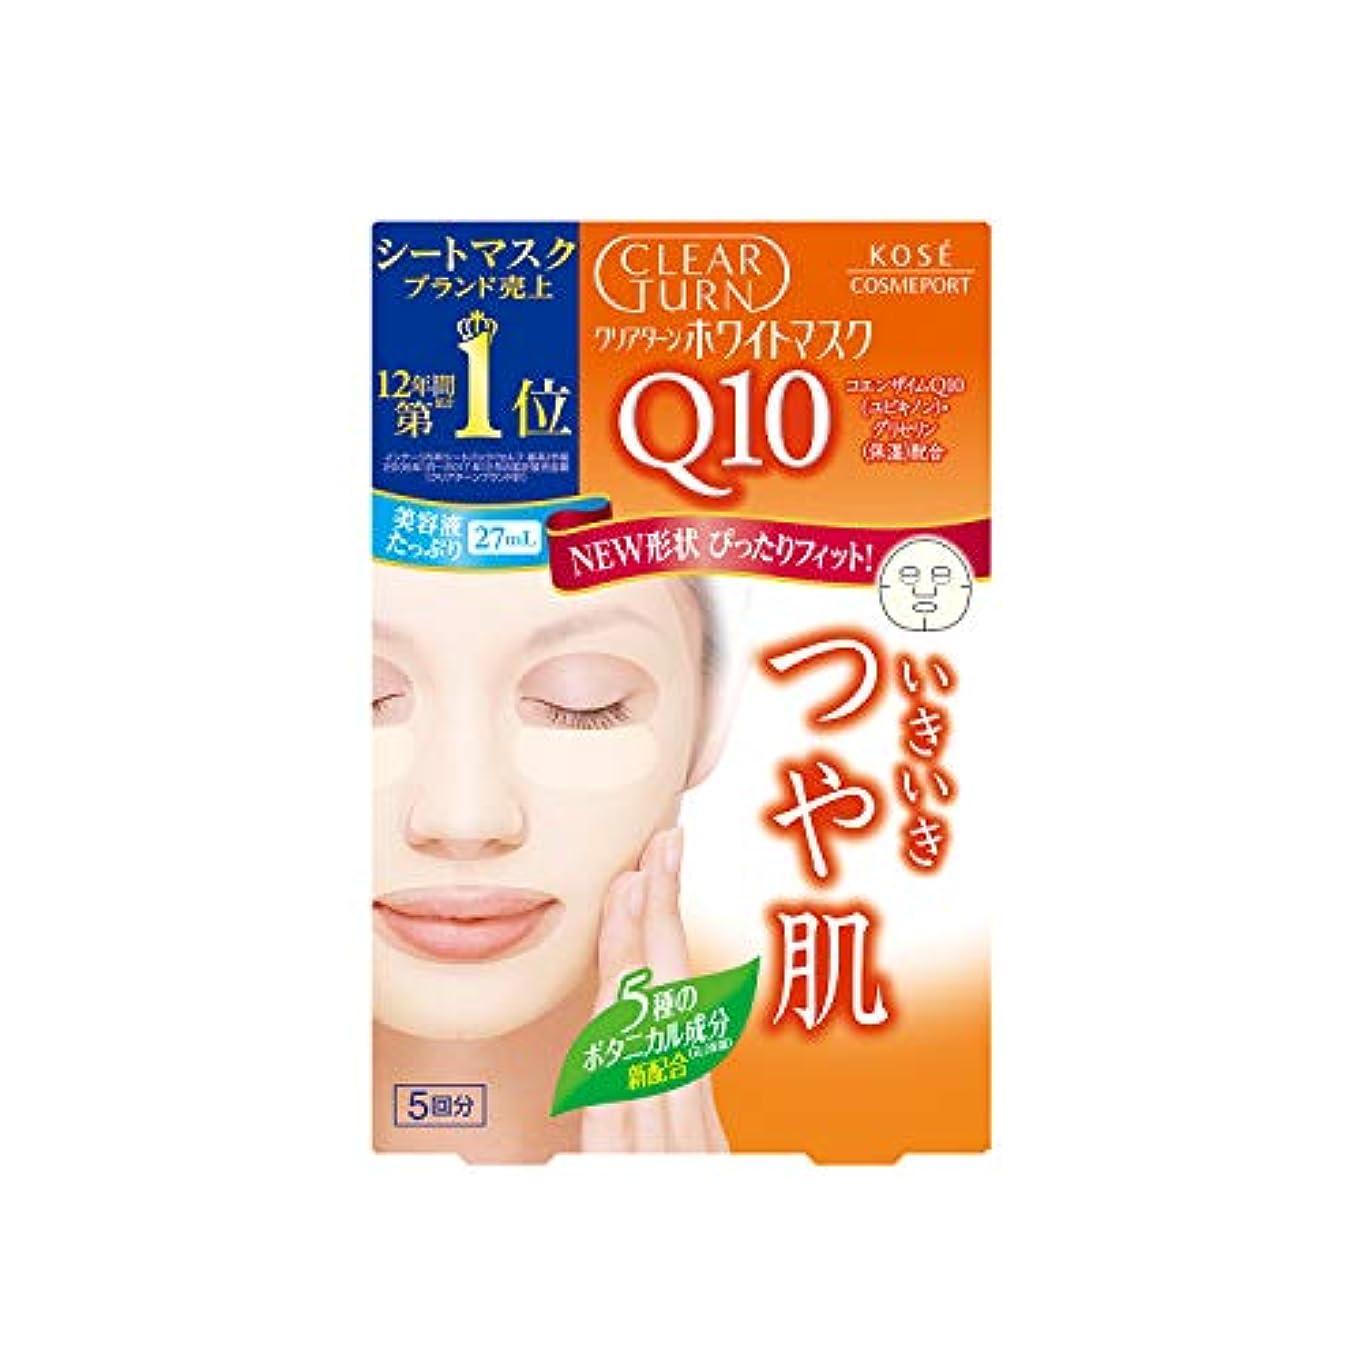 洗練されたマナー国歌KOSE クリアターン ホワイト マスク Q10 c (コエンザイムQ10) 5回分 (22mL×5)